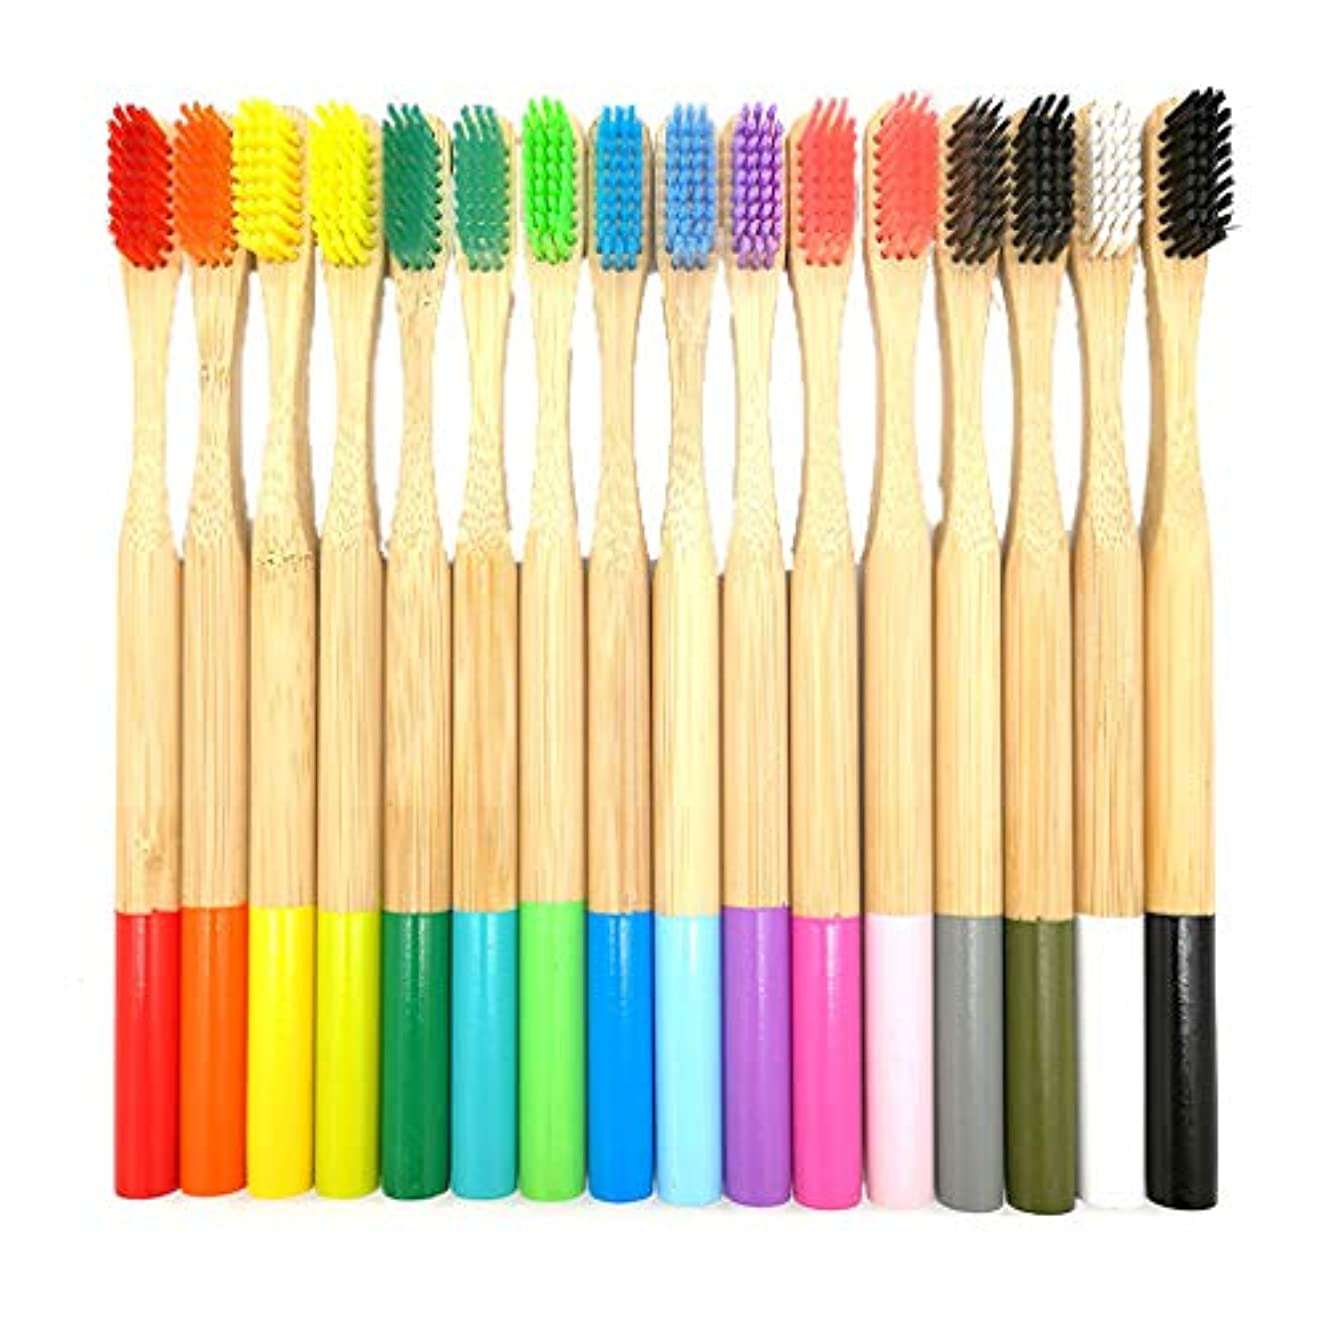 競争シンポジウム会話型Lazayyii 成人 竹製の歯ブラシ オーラルケア 竹繊維 やわらかい歯ブラシ 人気16本 (マルチカラー)